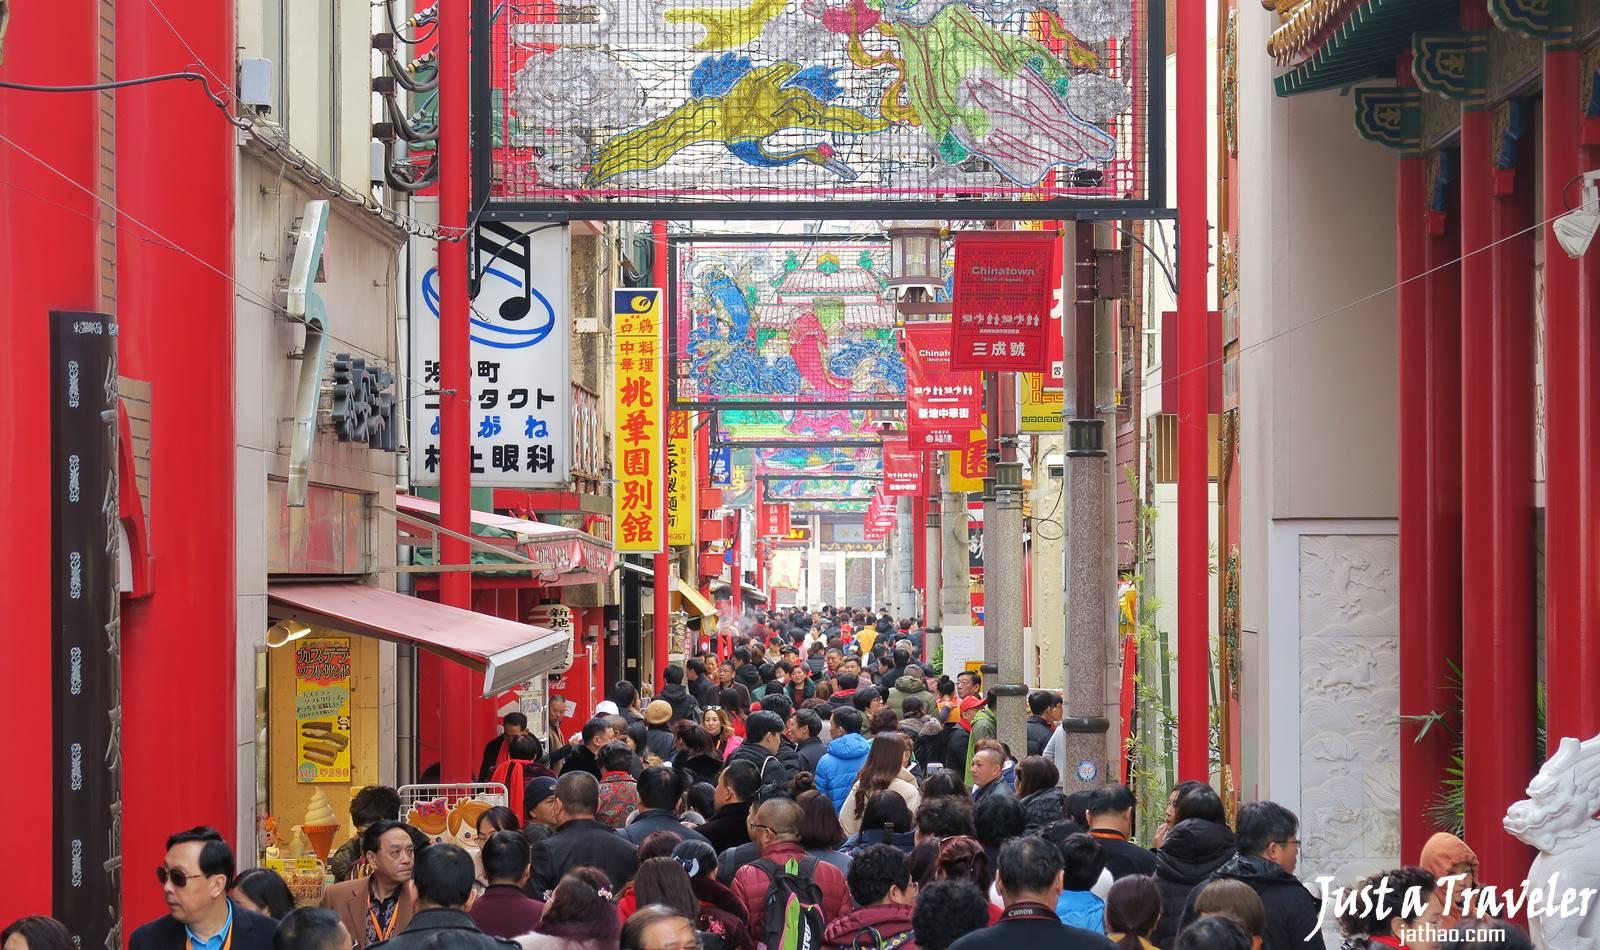 長崎-景點-推薦-長崎新地中華街-長崎必玩景點-長崎必去景點-長崎好玩景點-市區-攻略-長崎自由行景點-長崎旅遊景點-長崎觀光景點-長崎行程-長崎旅行-日本-Nagasaki-Tourist-Attraction